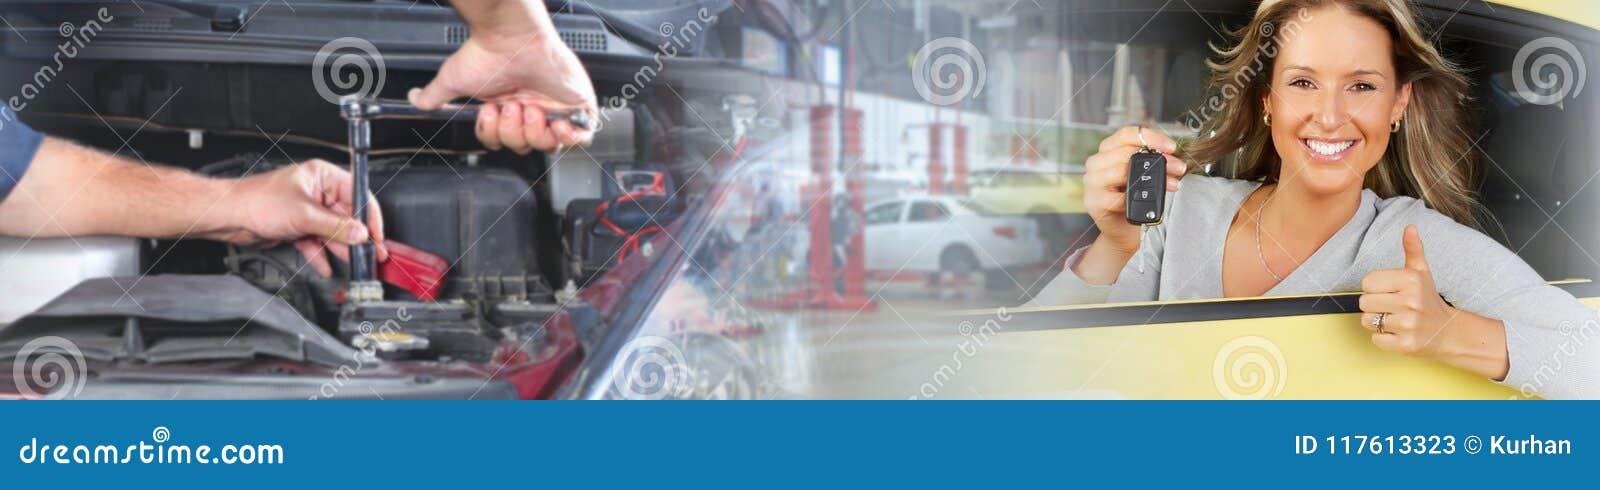 Γυναίκα με ένα πλήκτρο αυτοκινήτων